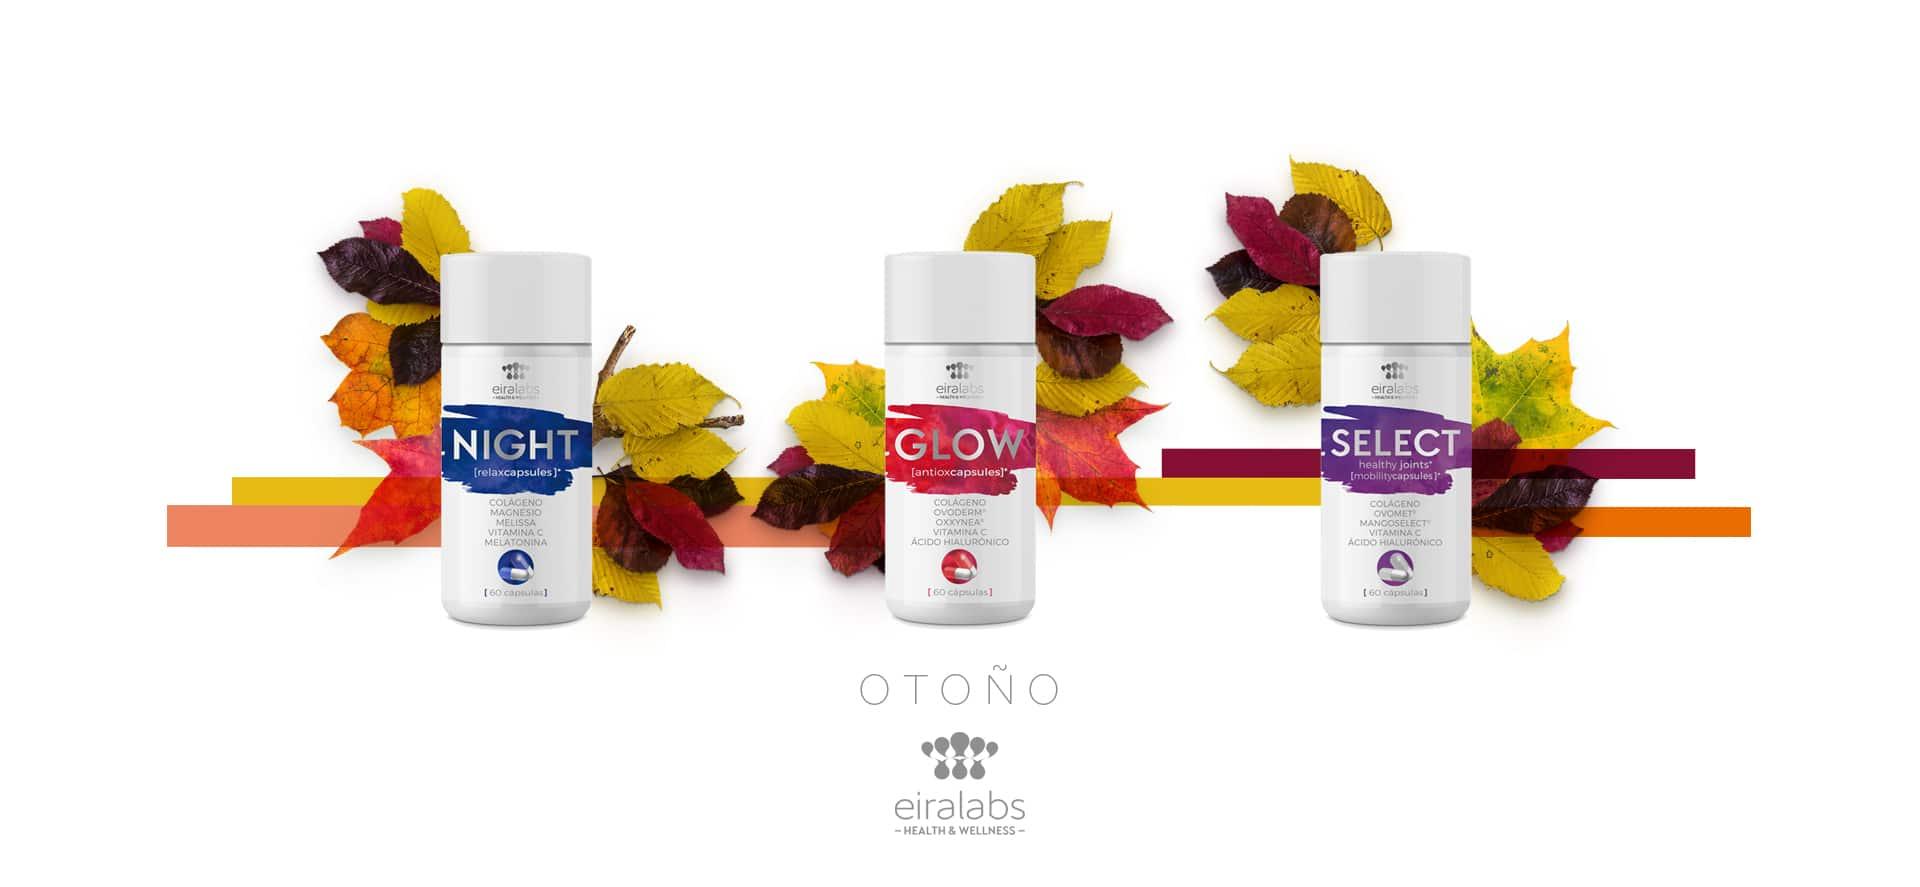 eiralabs-autumn-otros-001